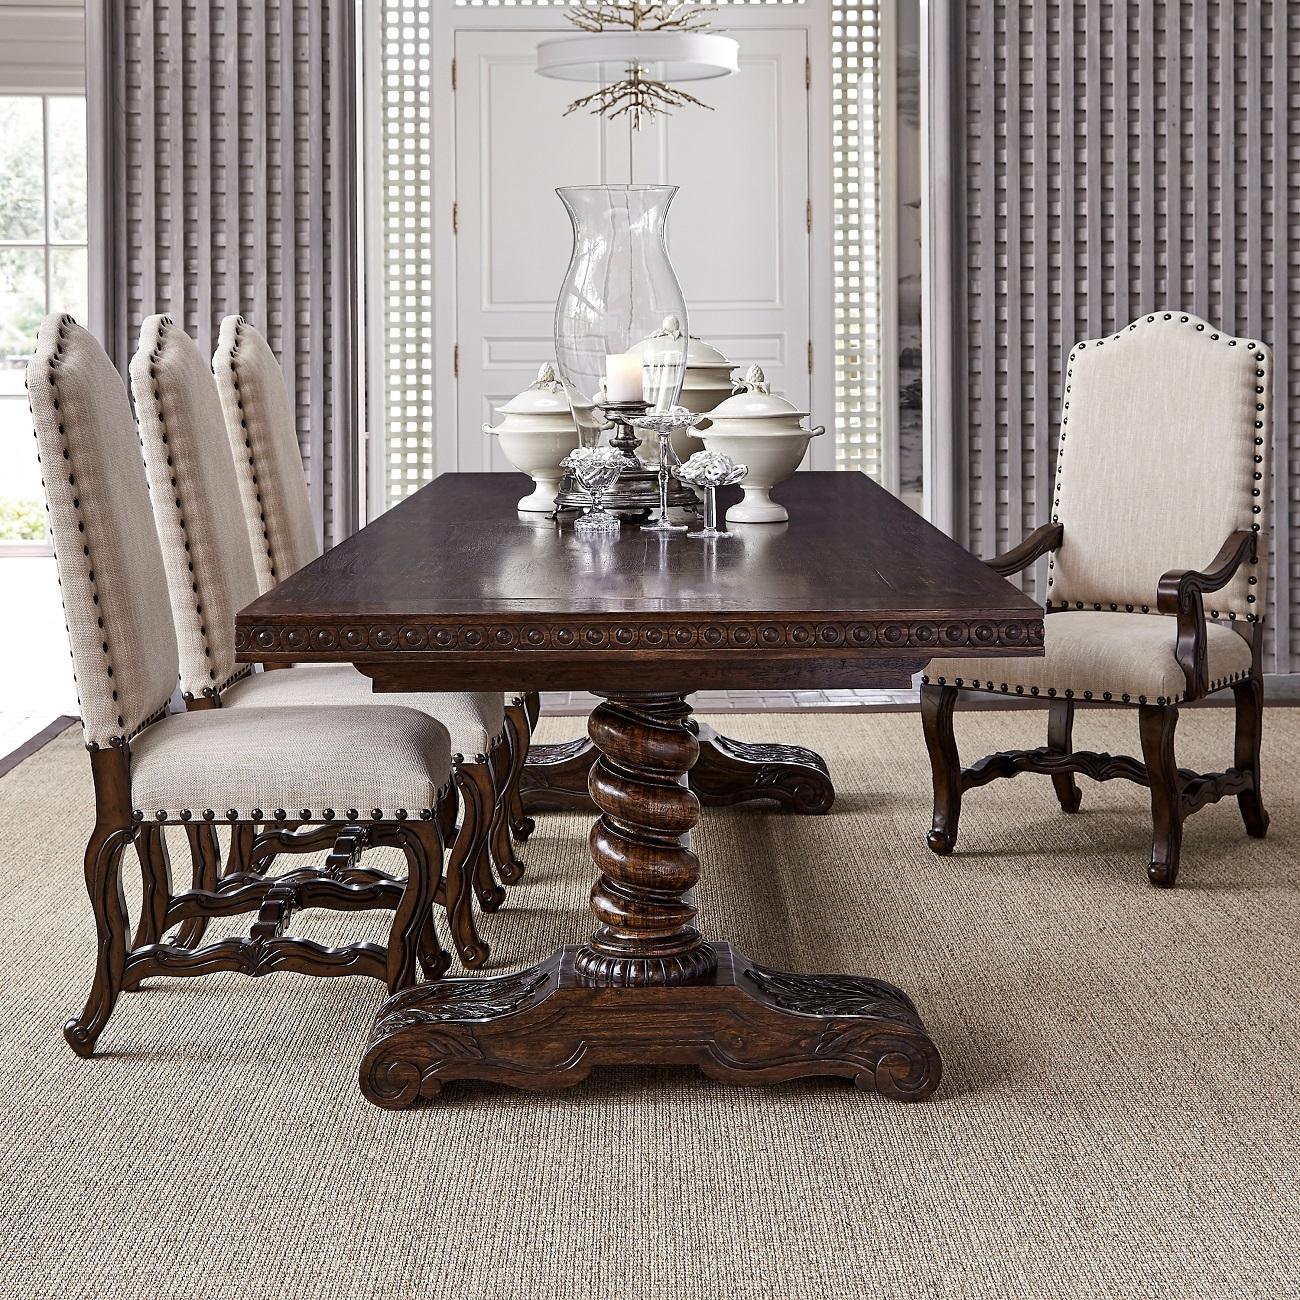 Castilian Dining Table